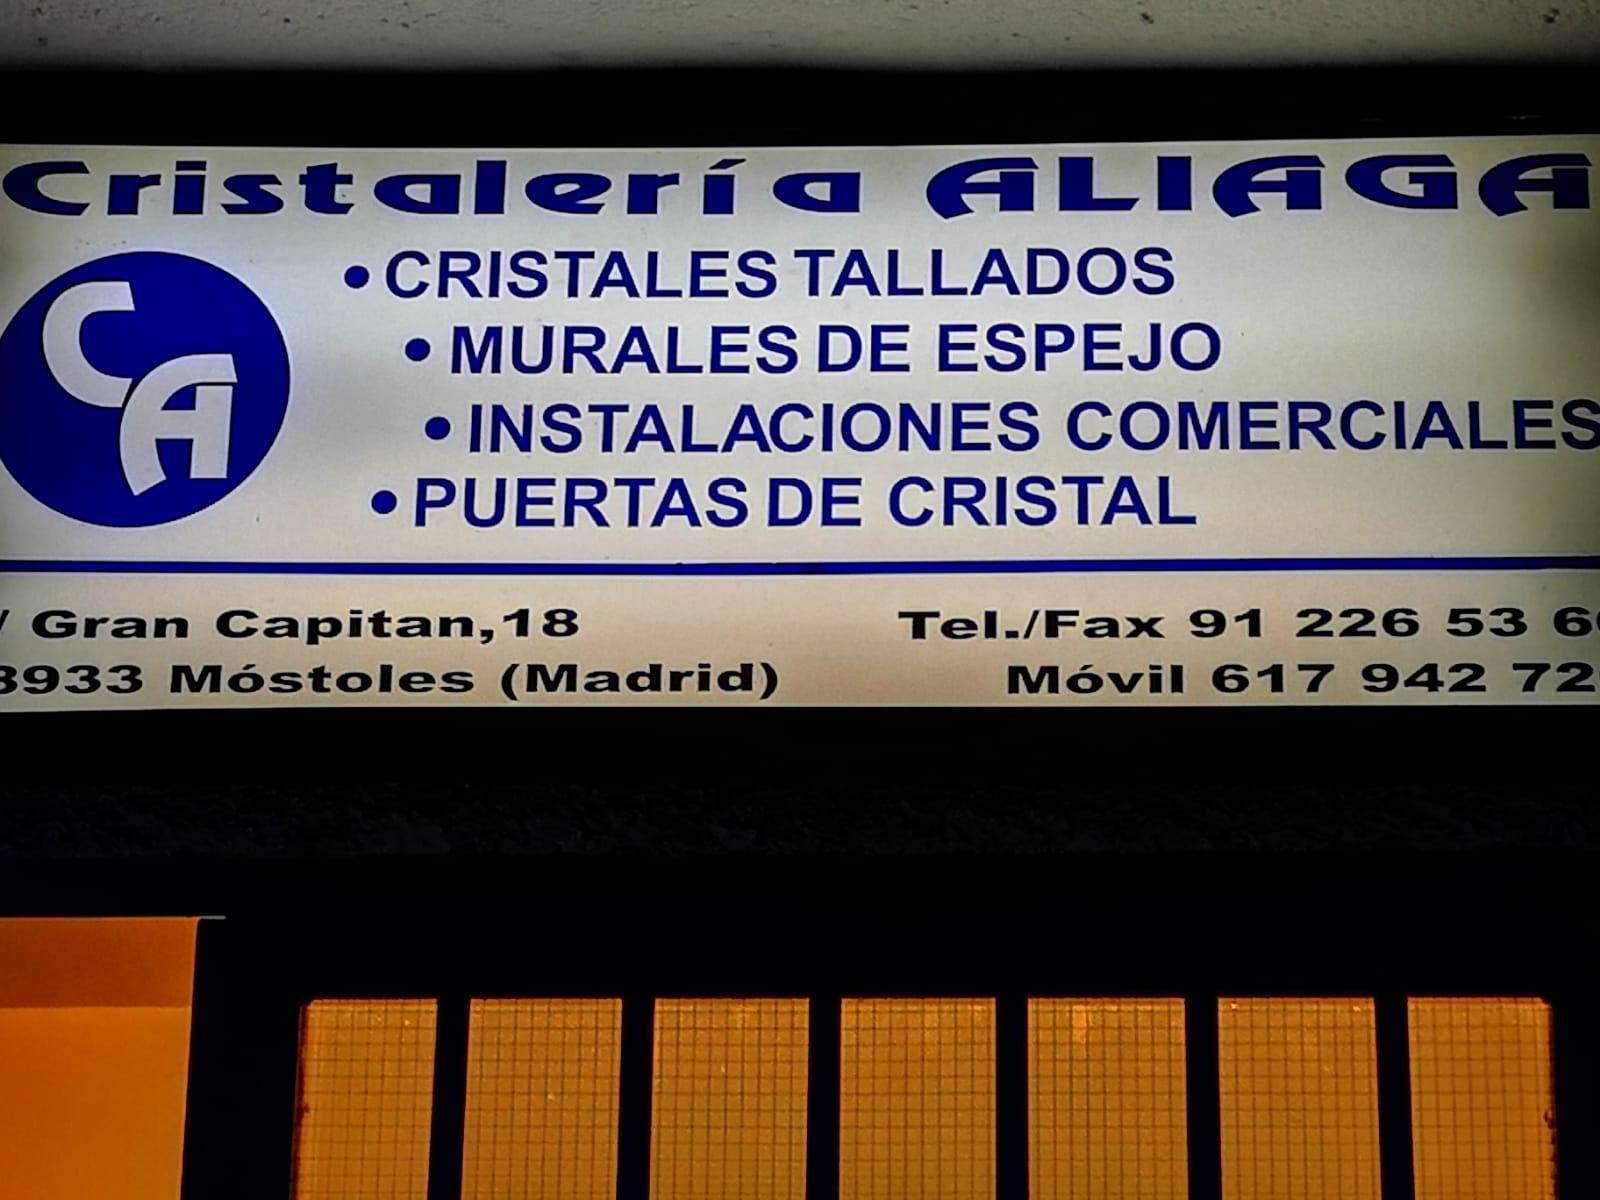 Cristalería Aliaga, trabajos técnicos en cristal en la Comunidad de Madrid